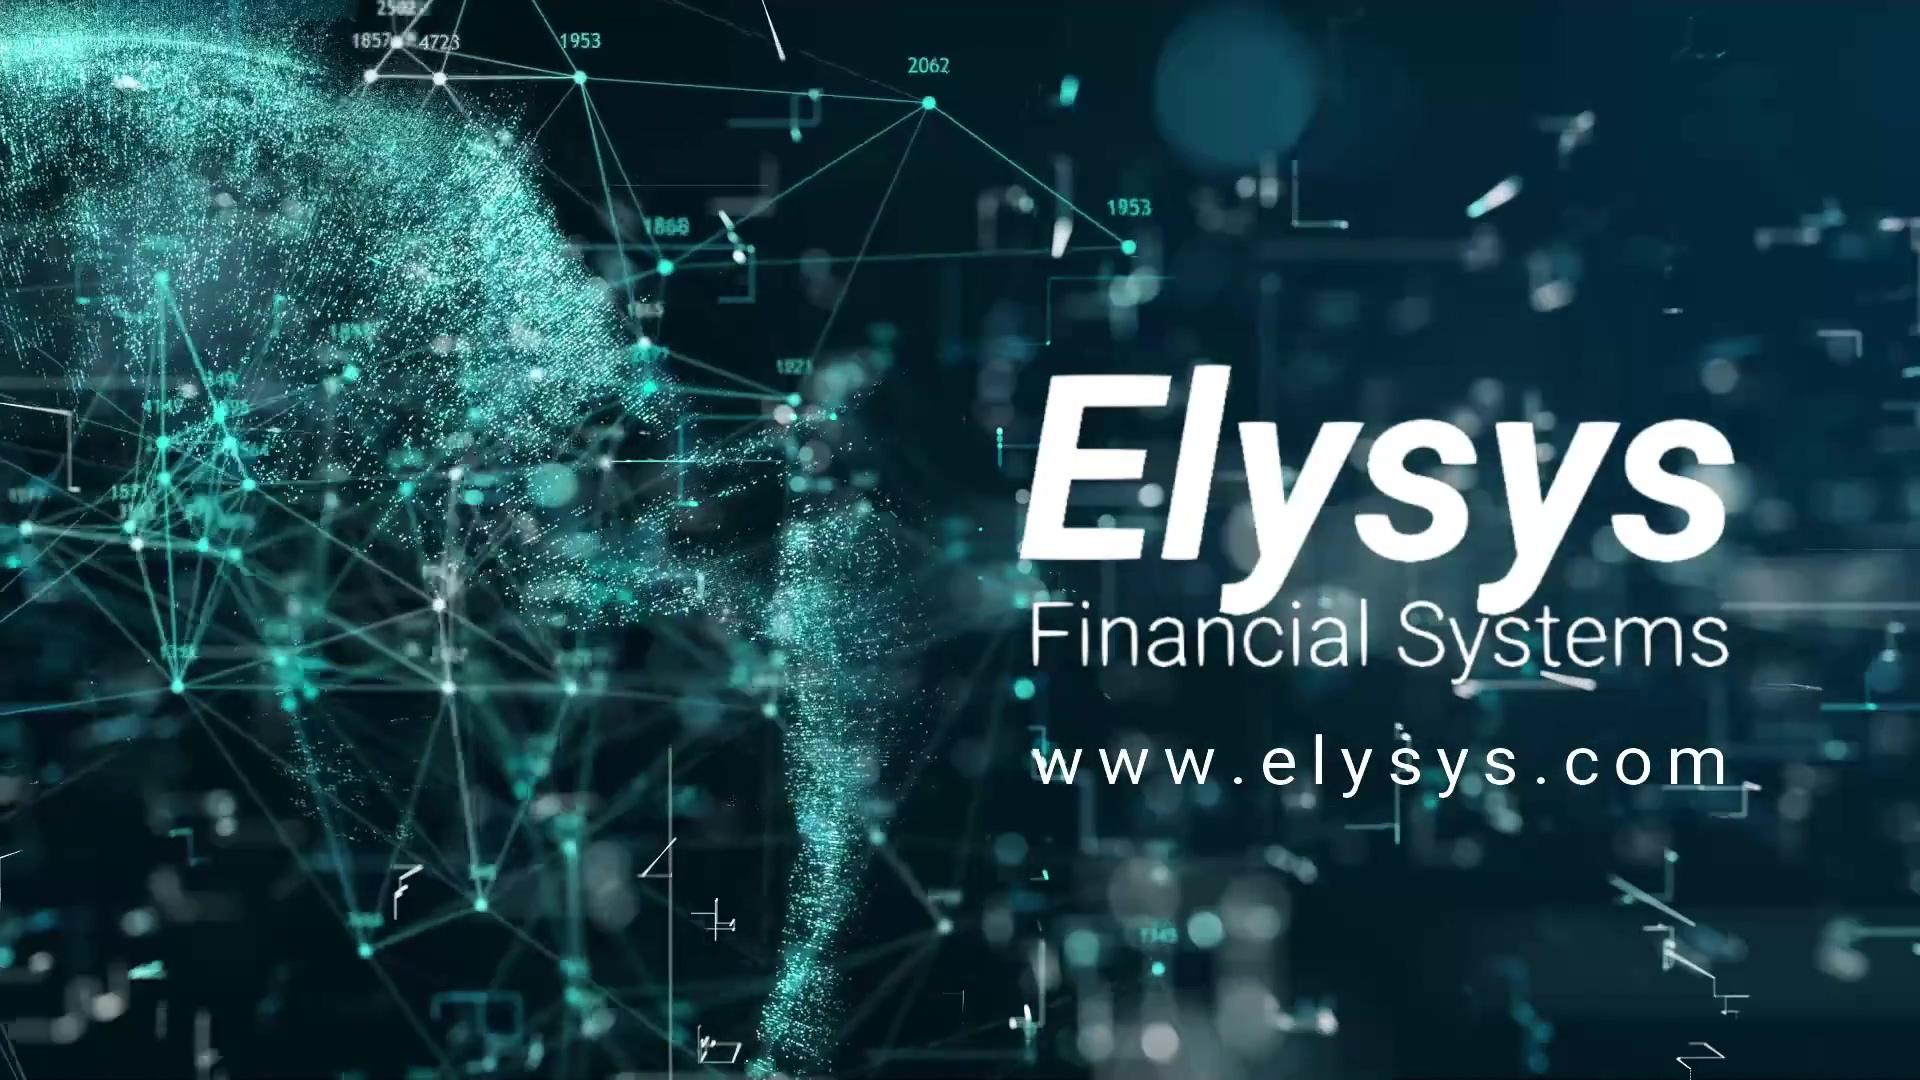 Elysys_mp4-1